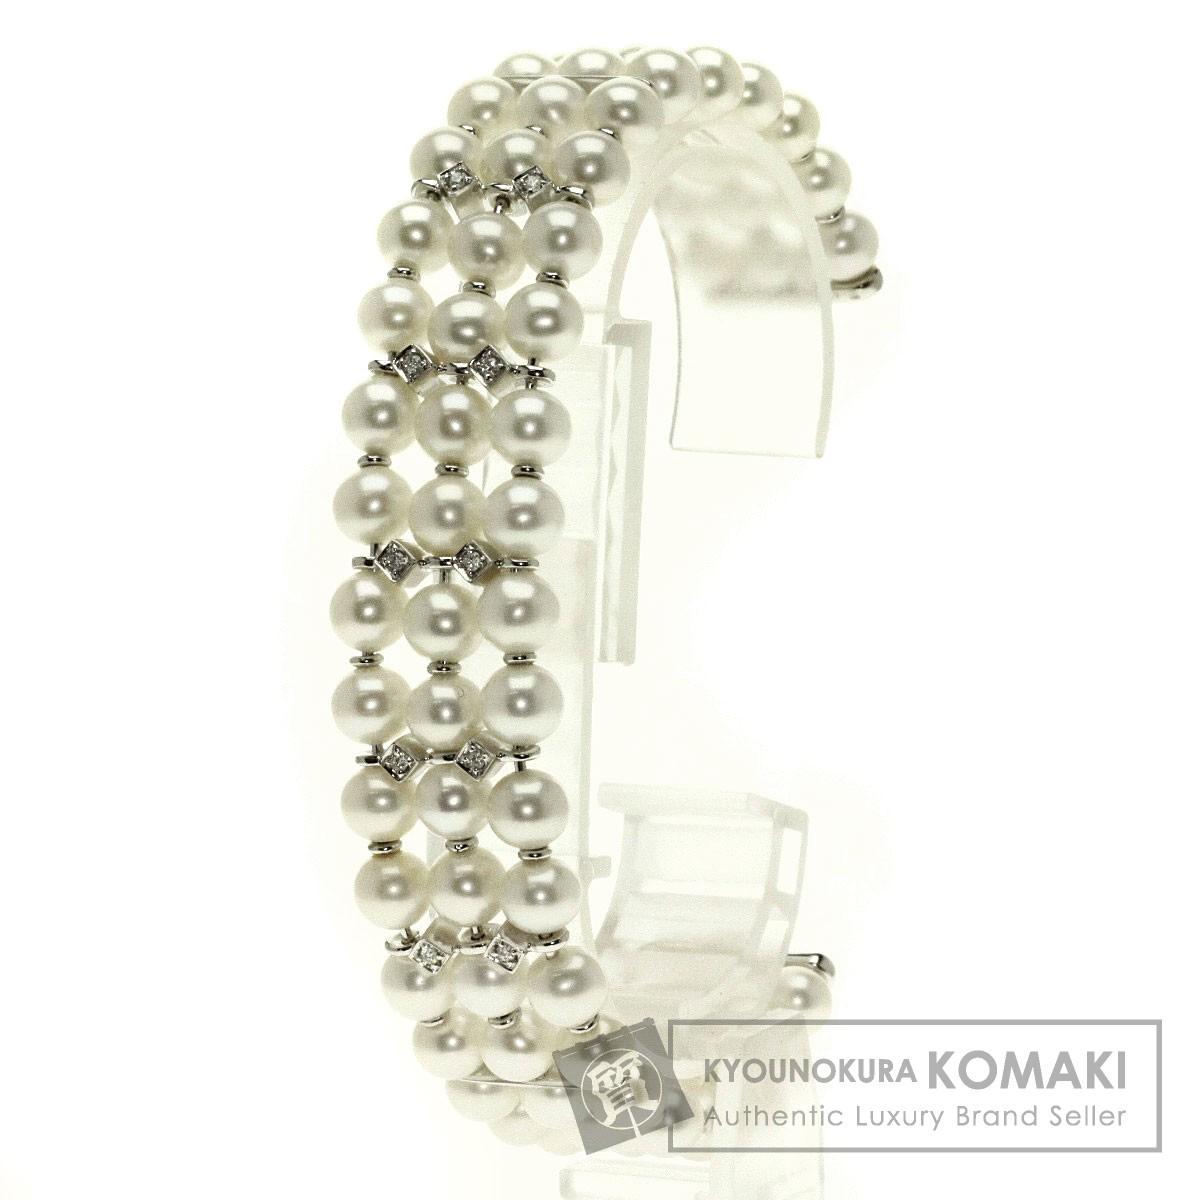 0.14ct 真珠 パール/ダイヤモンド ブレスレット K18ホワイトゴールド 38.1g レディース 【中古】